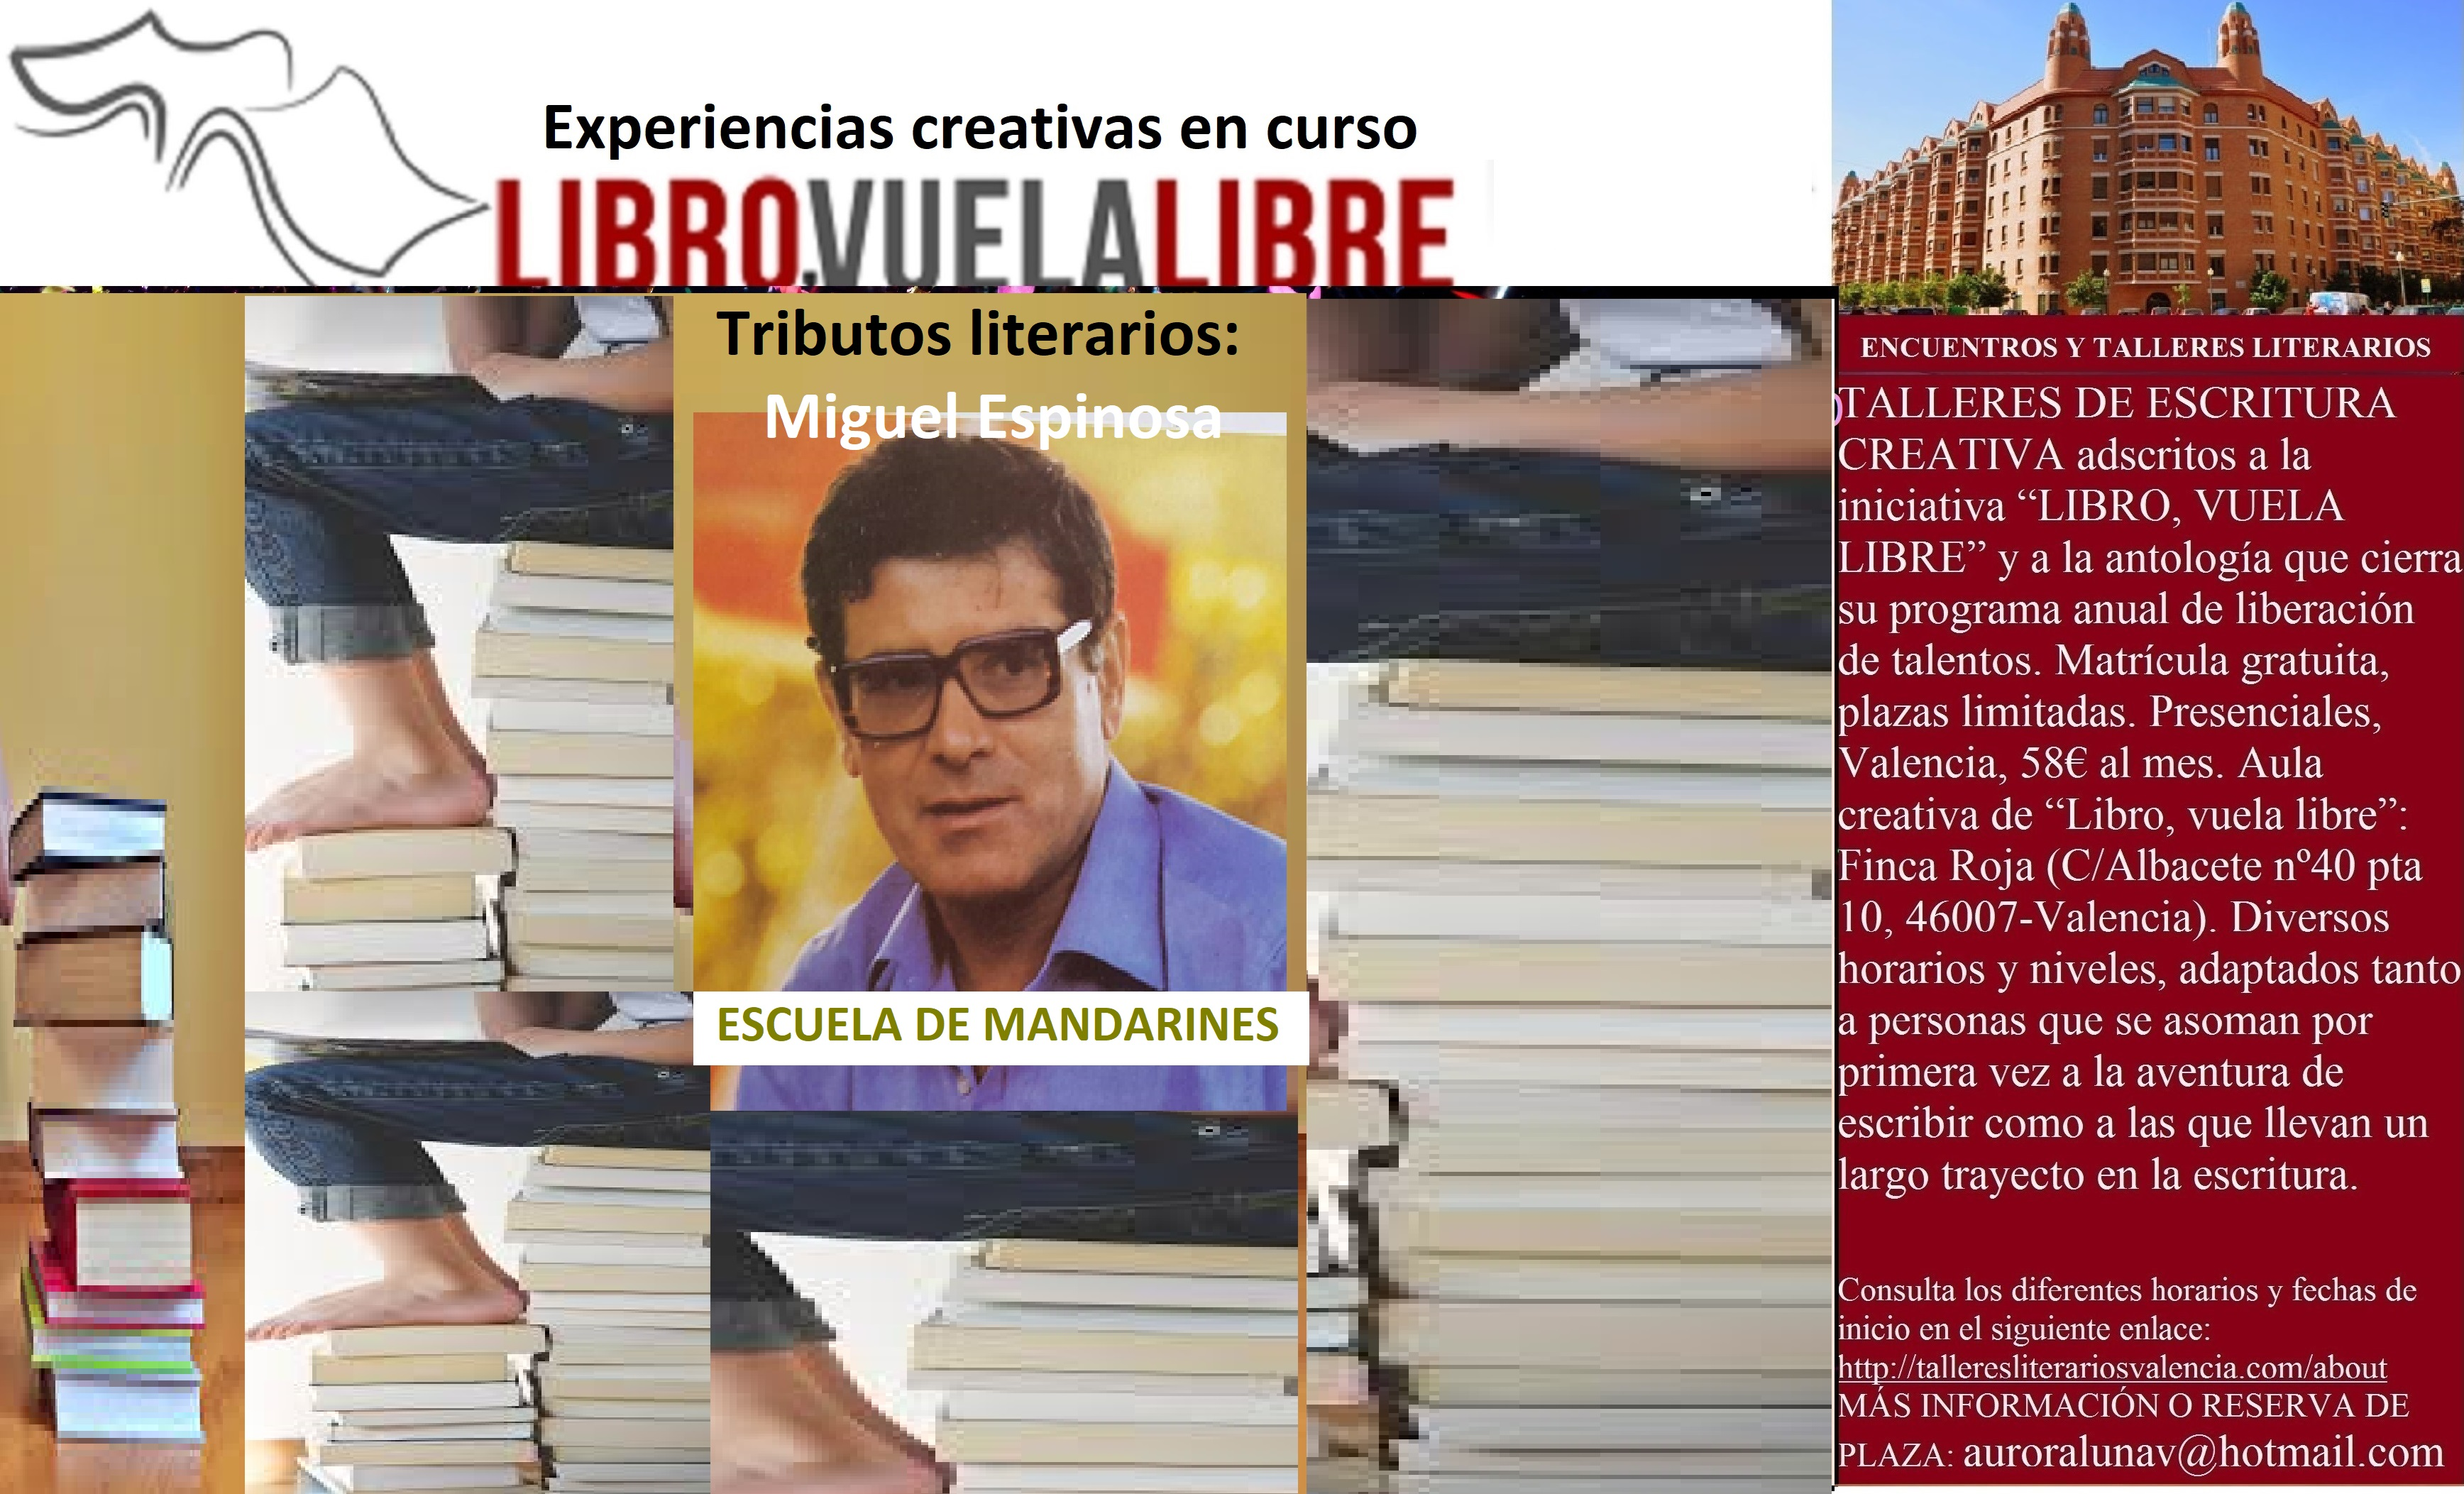 000Talleres de escritura creativa en Valencia